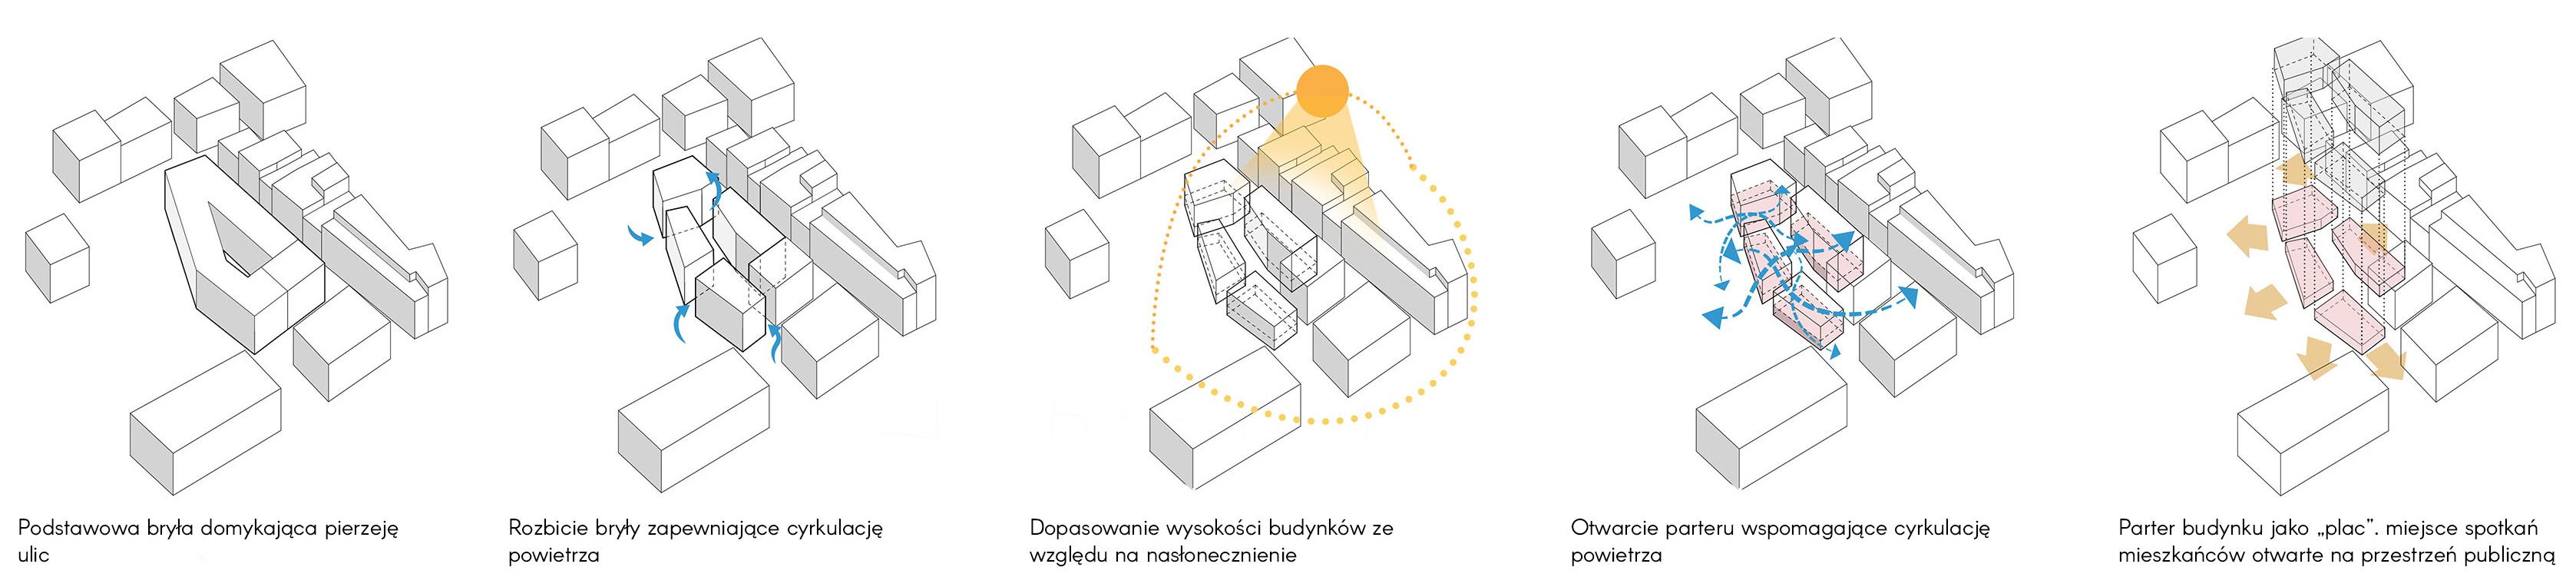 """""""Casa Espanola"""", proj. Katarzyna Ponińska i Paweł Pacak (źródło: materiały prasowe projektantów)"""